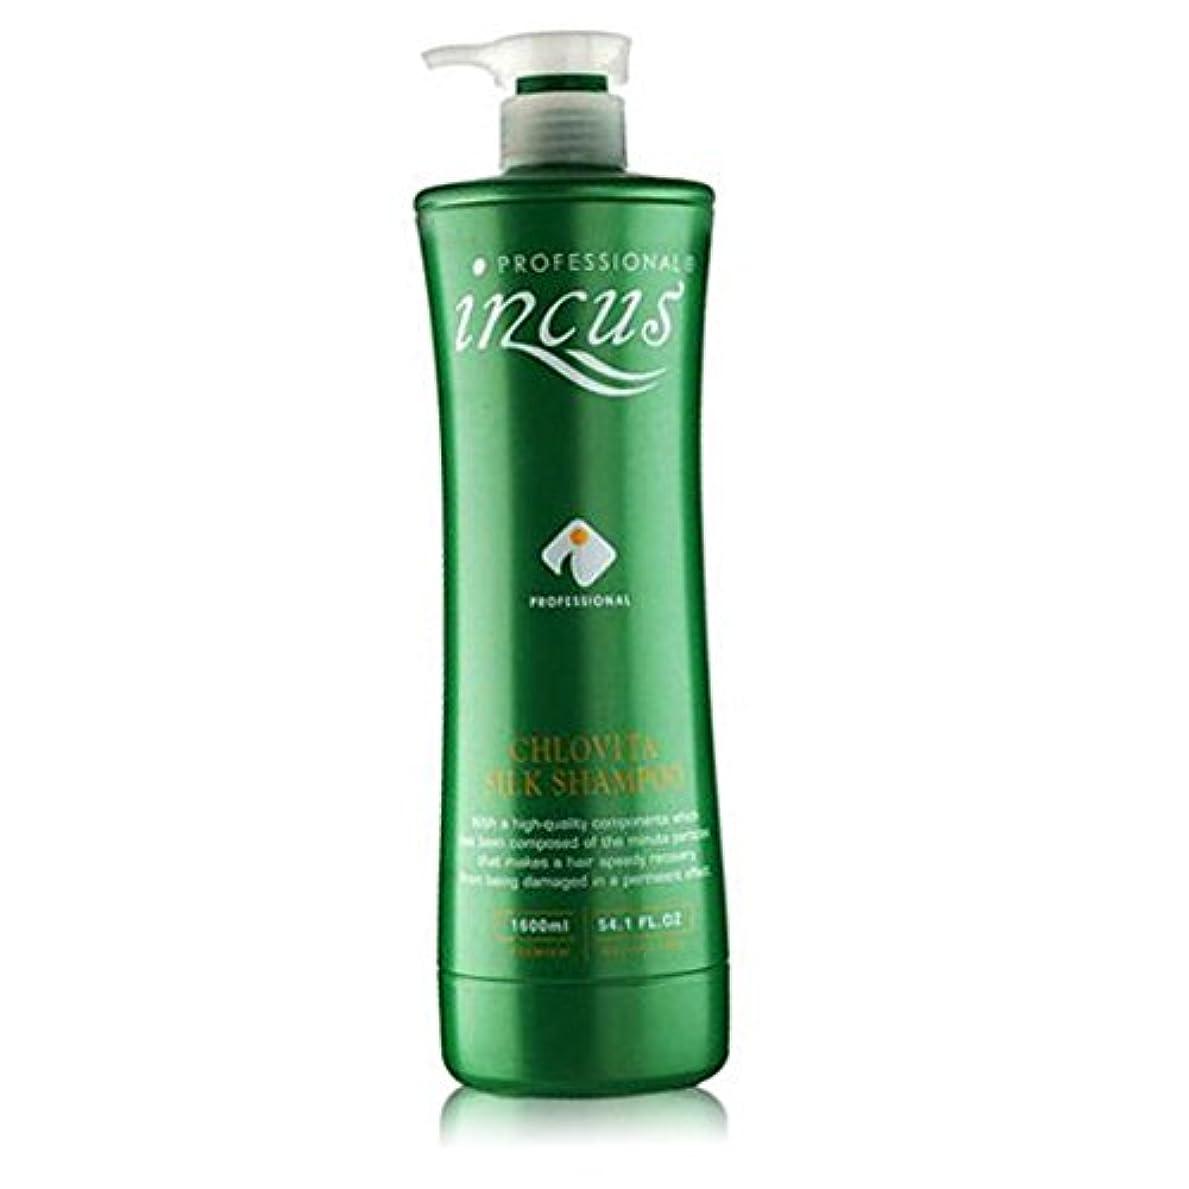 告発フィットネスサワー[Somang/希望] Incus Chlovita Silk Shampoo 1500ml/希望のキュスクロヴィータシルクシャンプー (海外直送品)